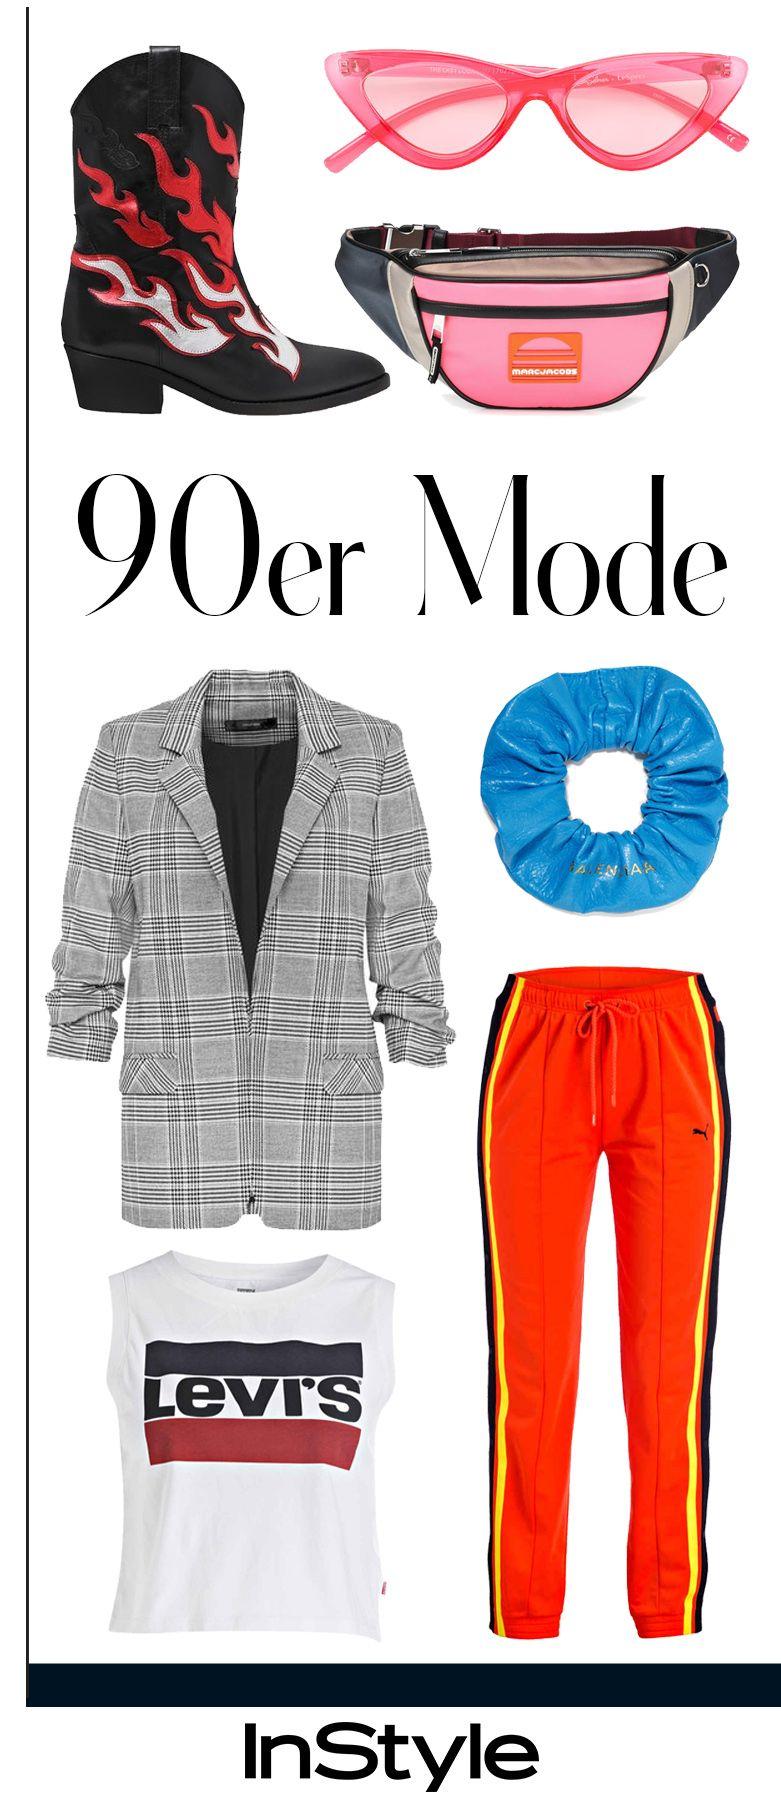 90er Mode: Diese zwölf Trends sind wieder angesagt!